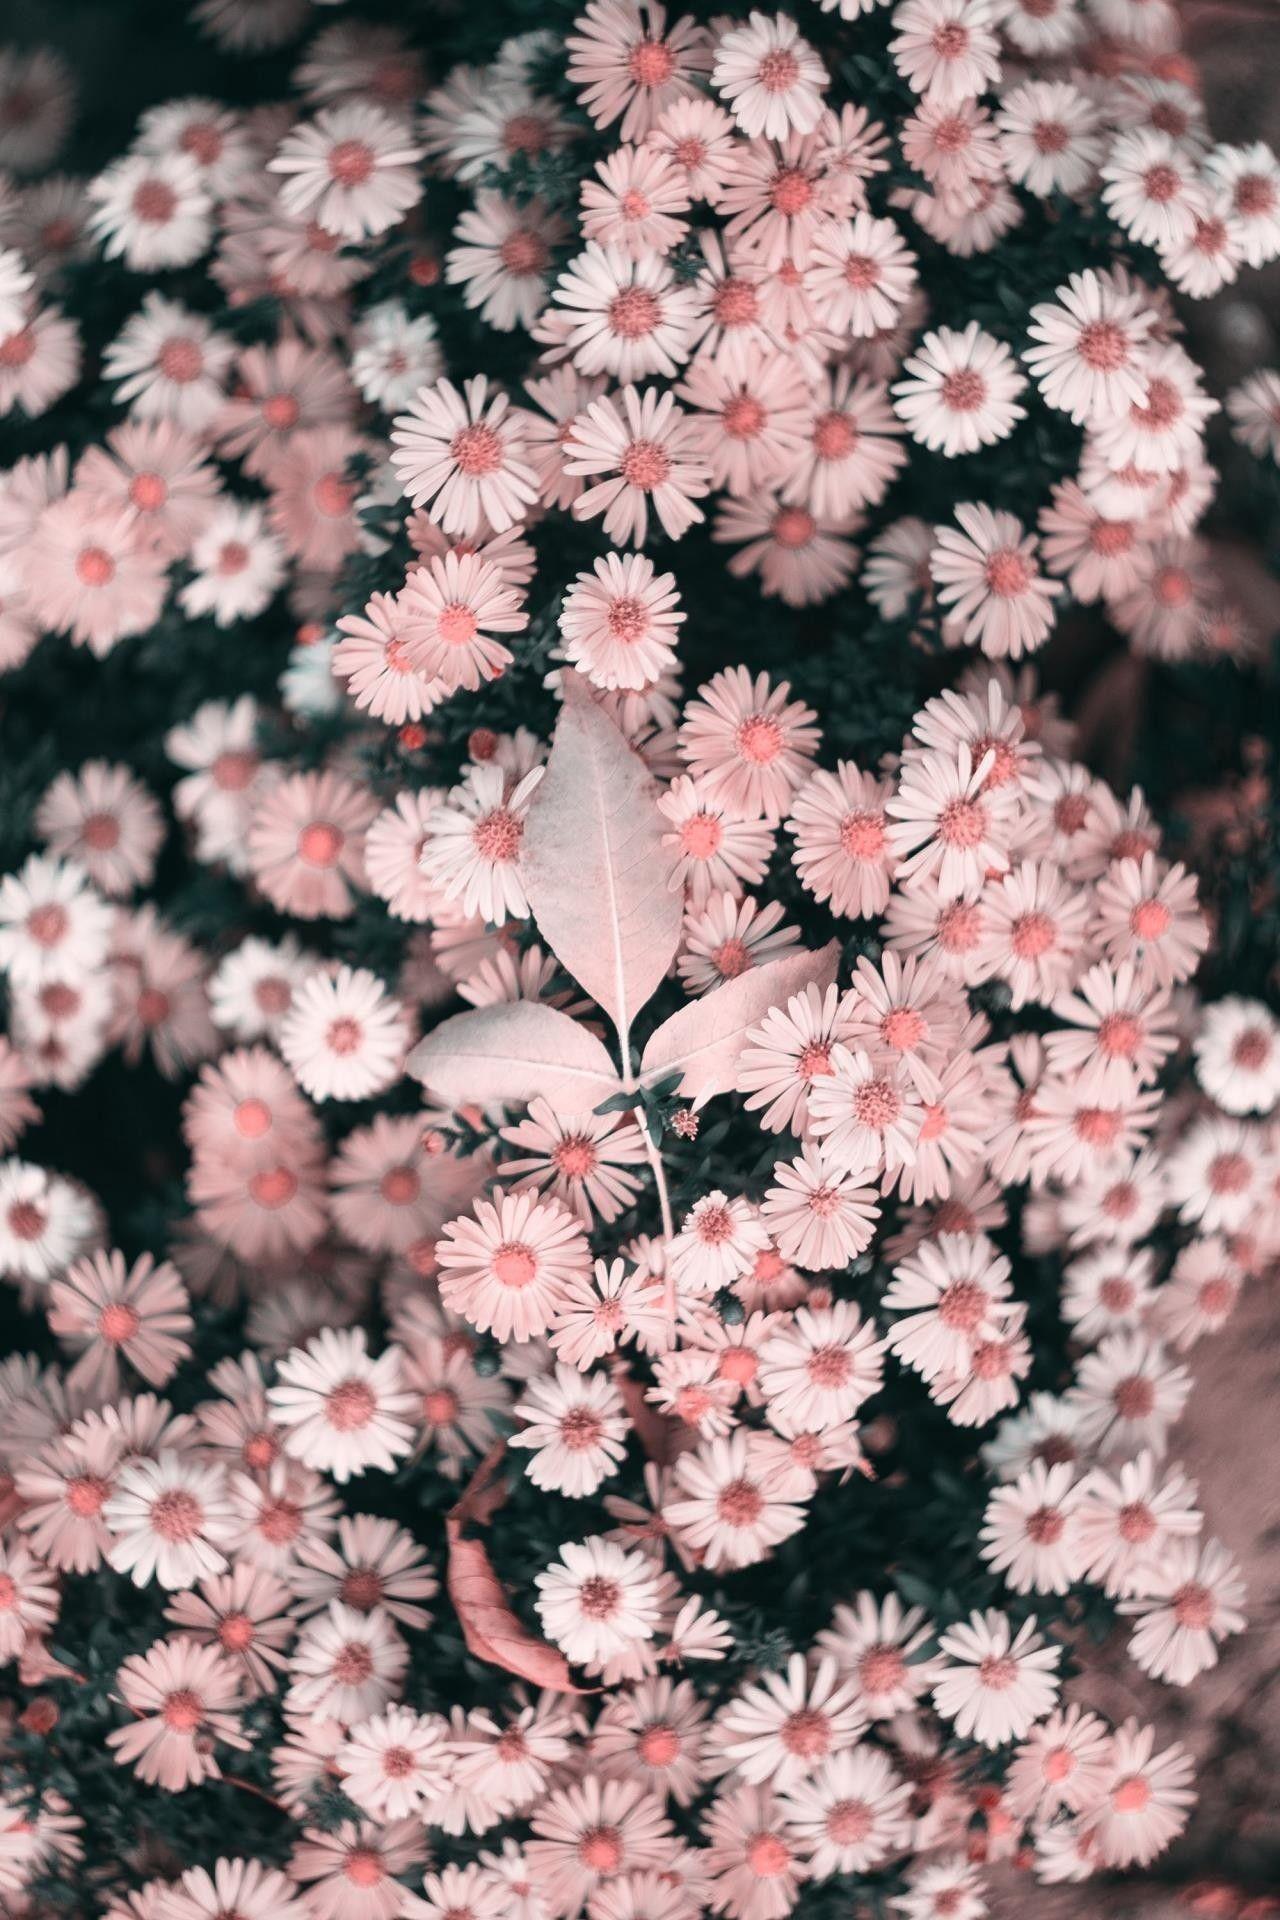 Pin Oleh Cahya Cy Di Wallpaper Wallpaper Bunga Matahari Wallpaper Alam Fotografi Bunga